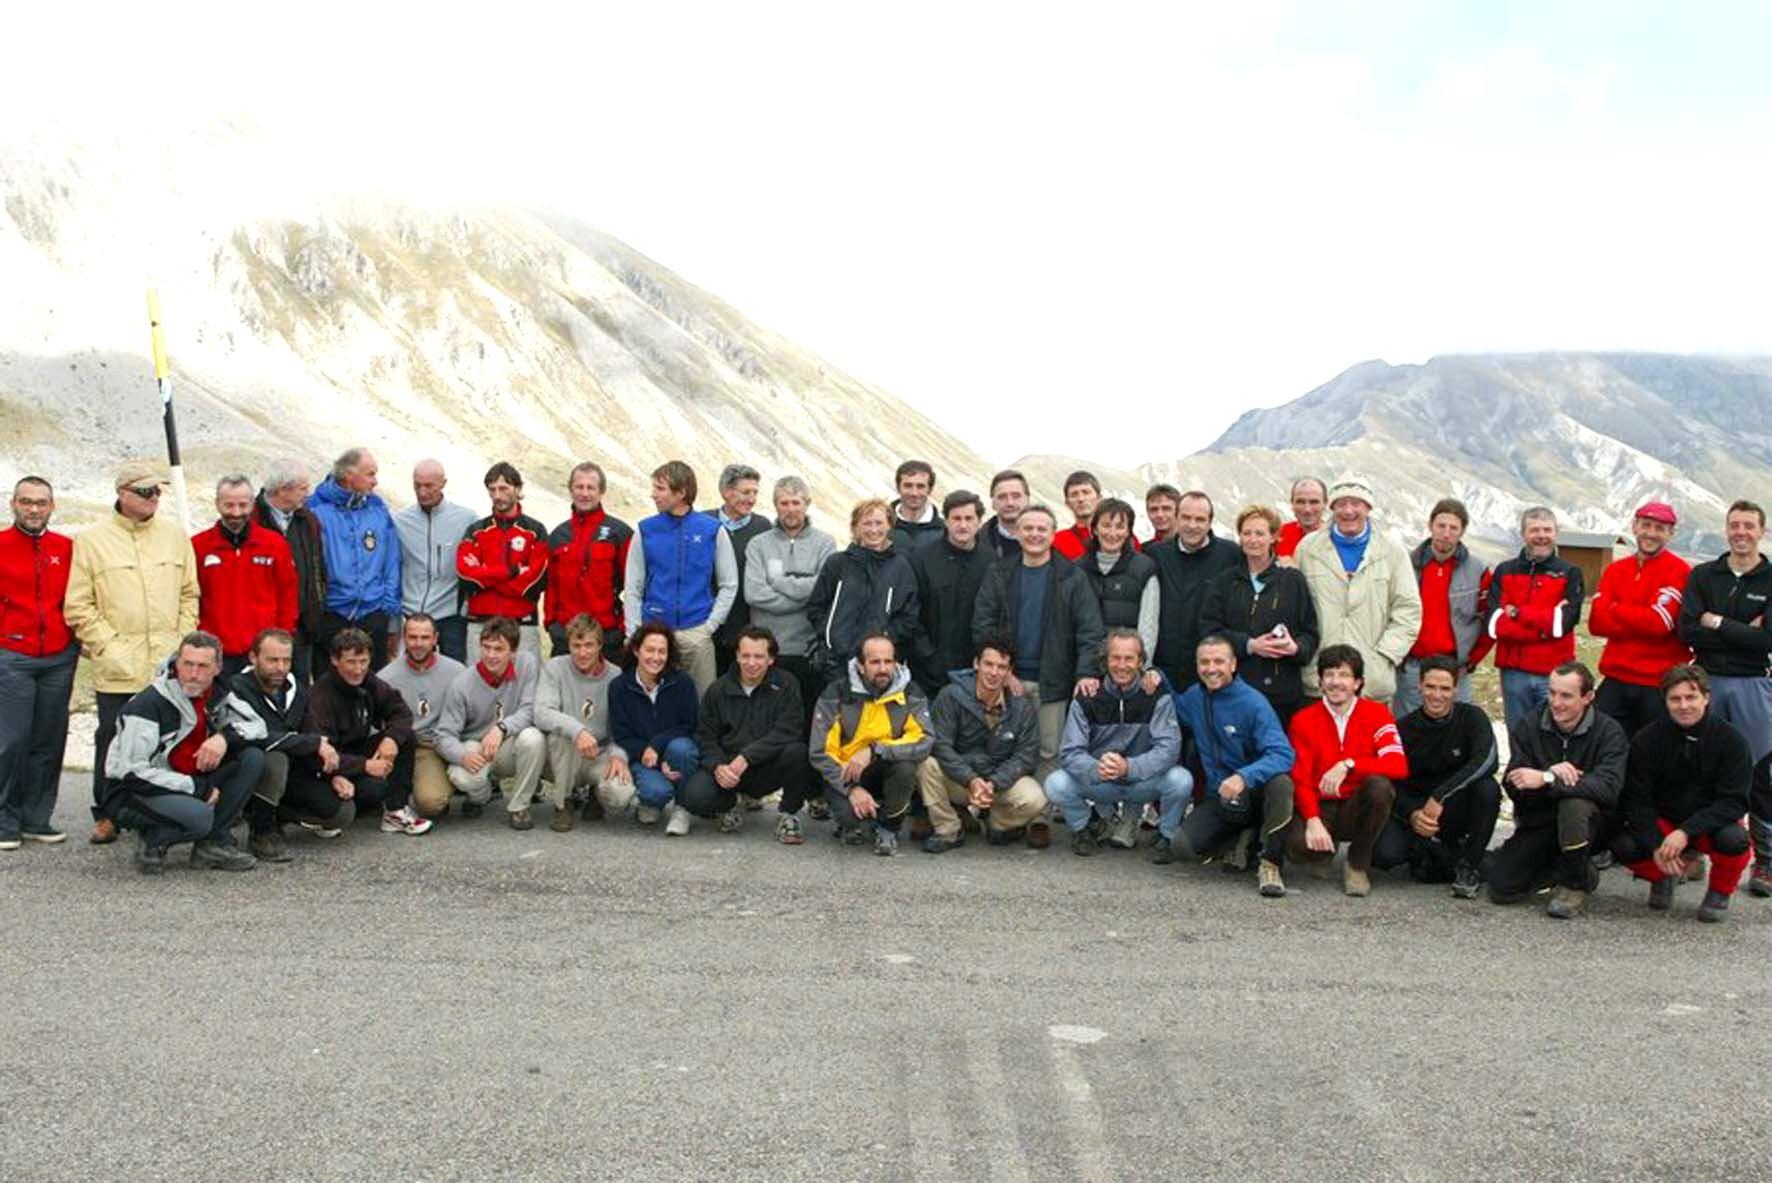 L'Italia sul K2, 50 anni dopo